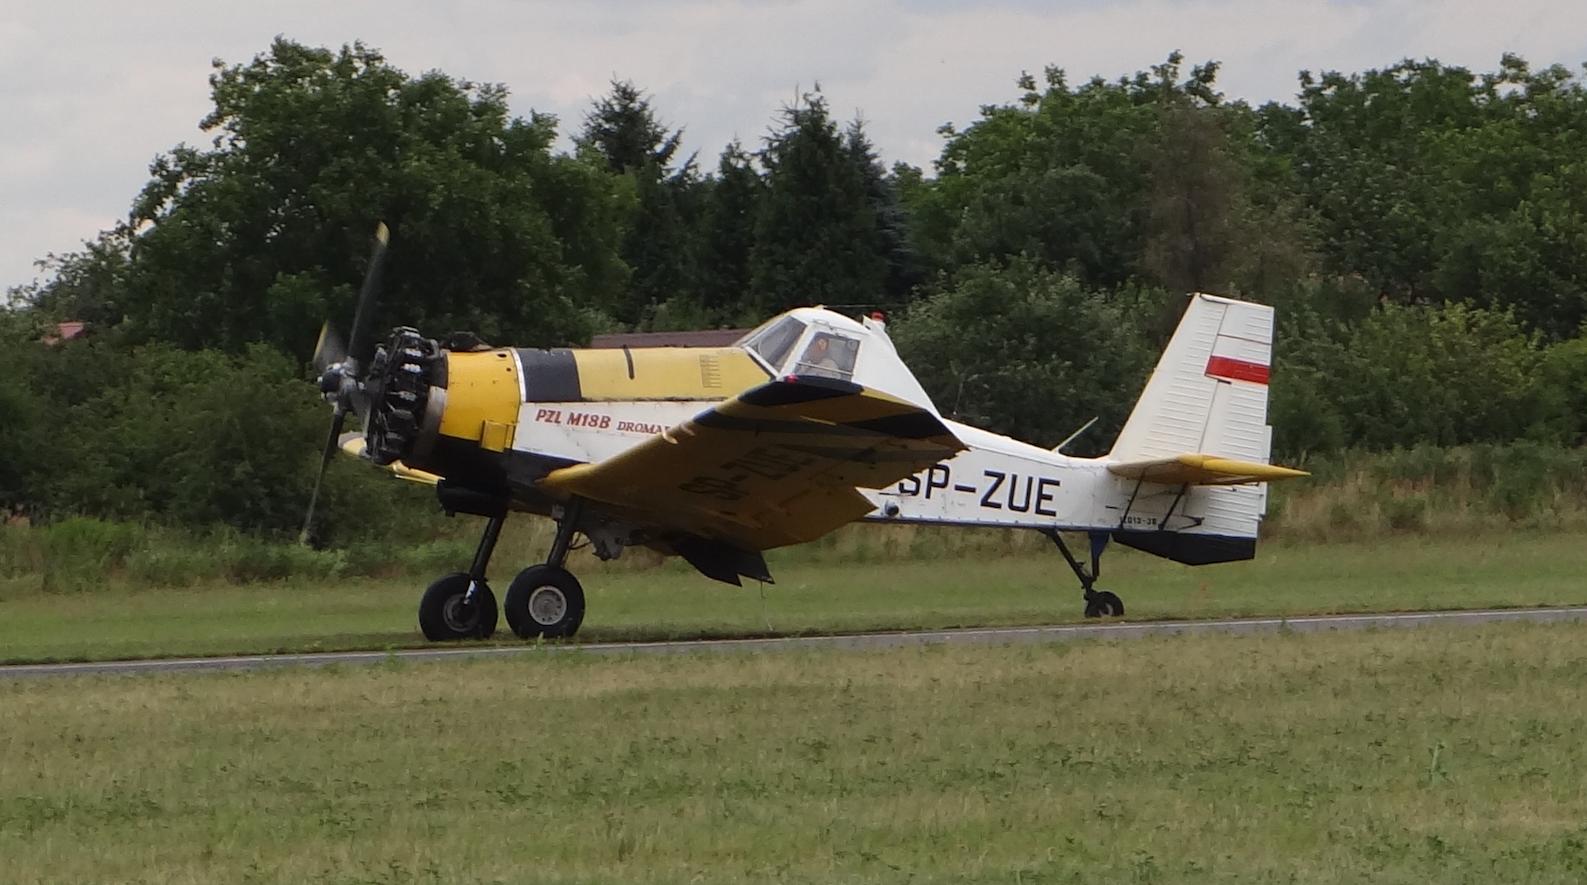 PZL Mielec M-18 Dromader - Polot